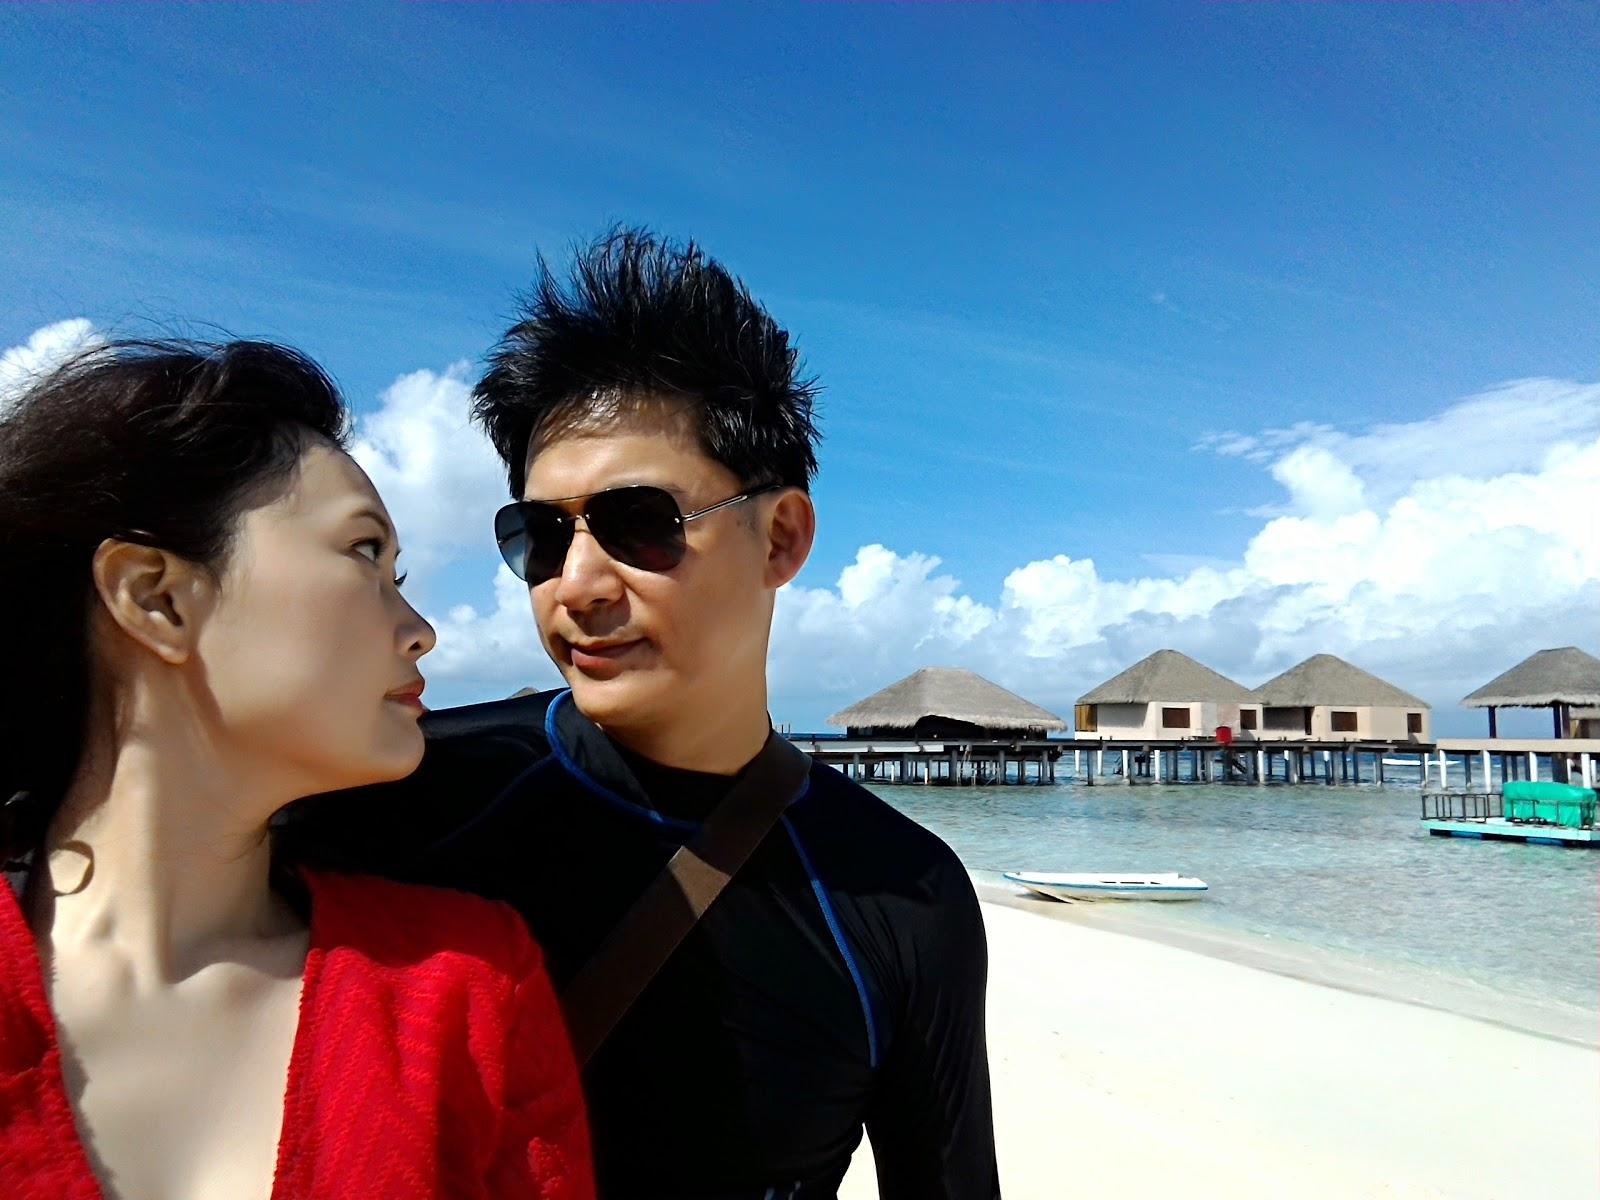 2016新加坡&馬爾地夫自助~Day3:誤打誤撞相遇的美麗飯店島-Adaaran Prestige Vadoo — by Coolkate